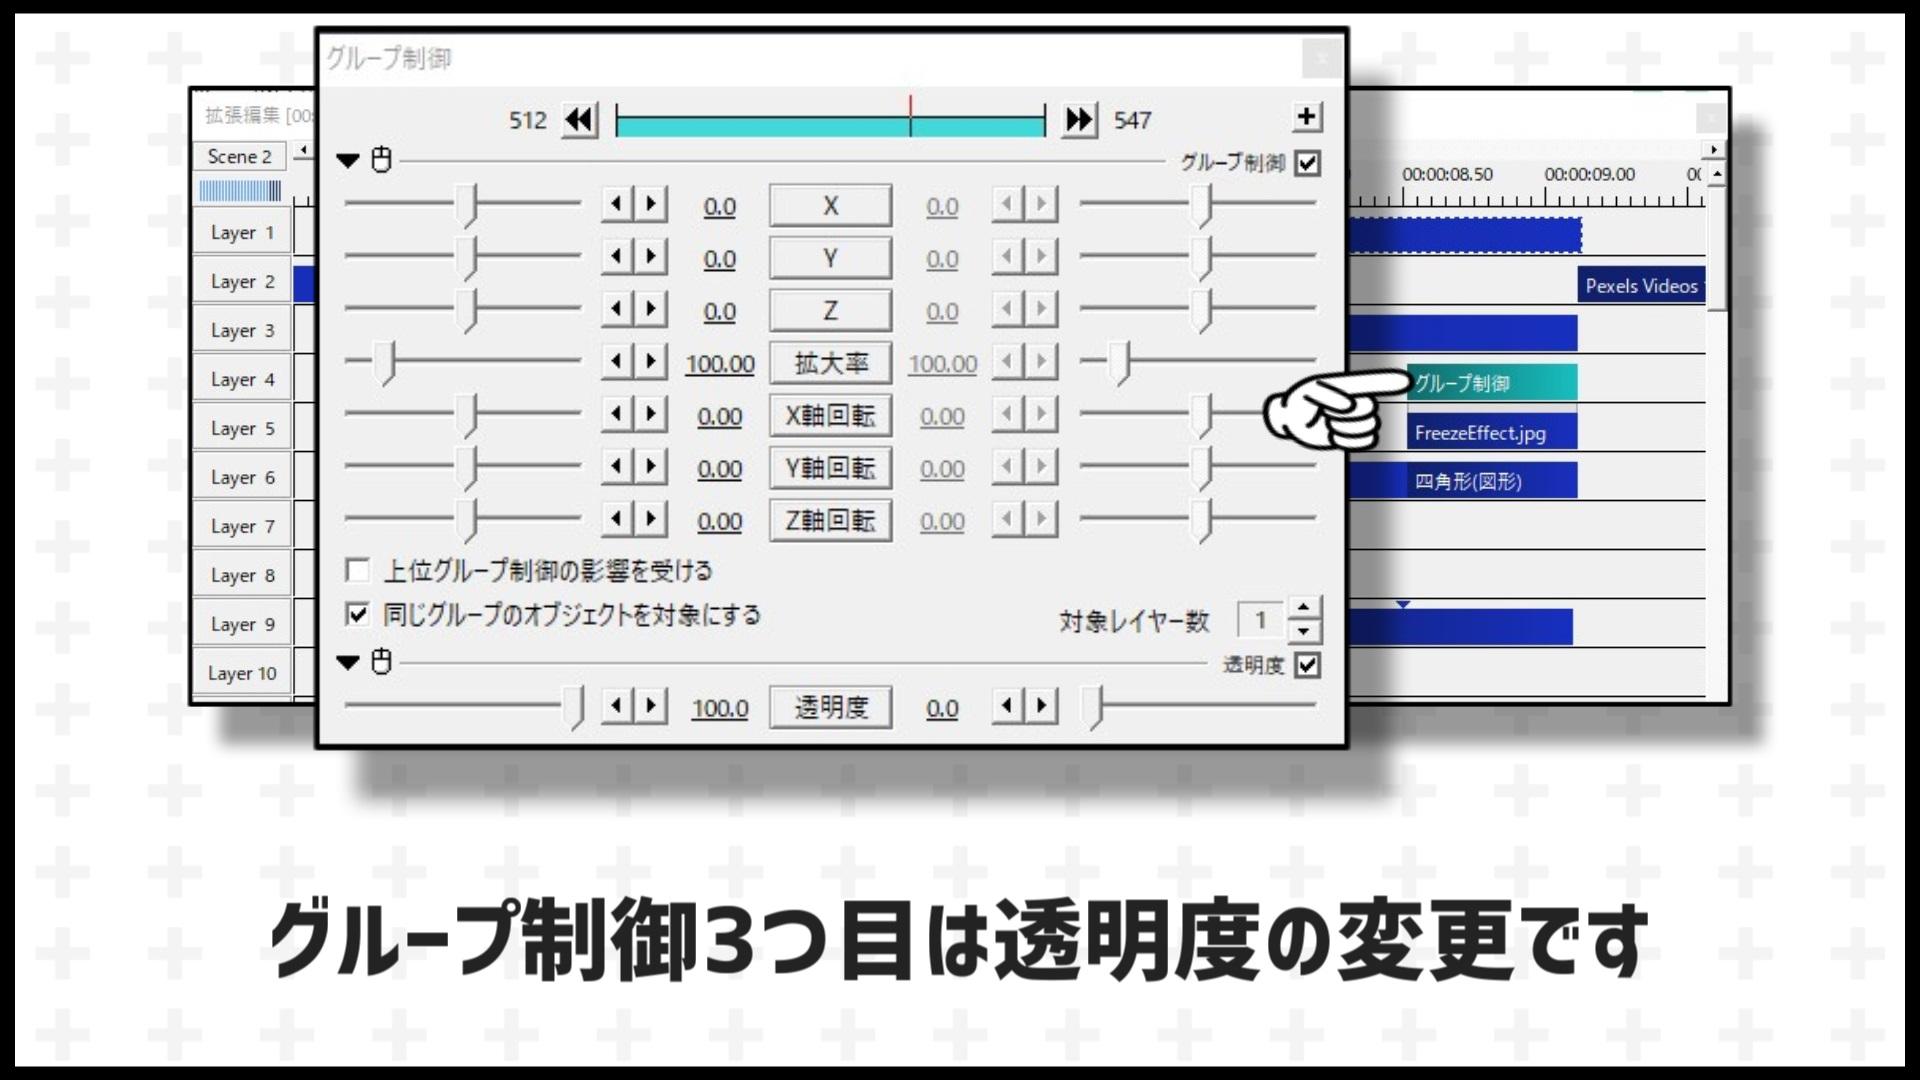 グループ制御3つ目は透明度の変更です。 透明度100→0にして、切り抜く前の画像を徐々に出現させます。